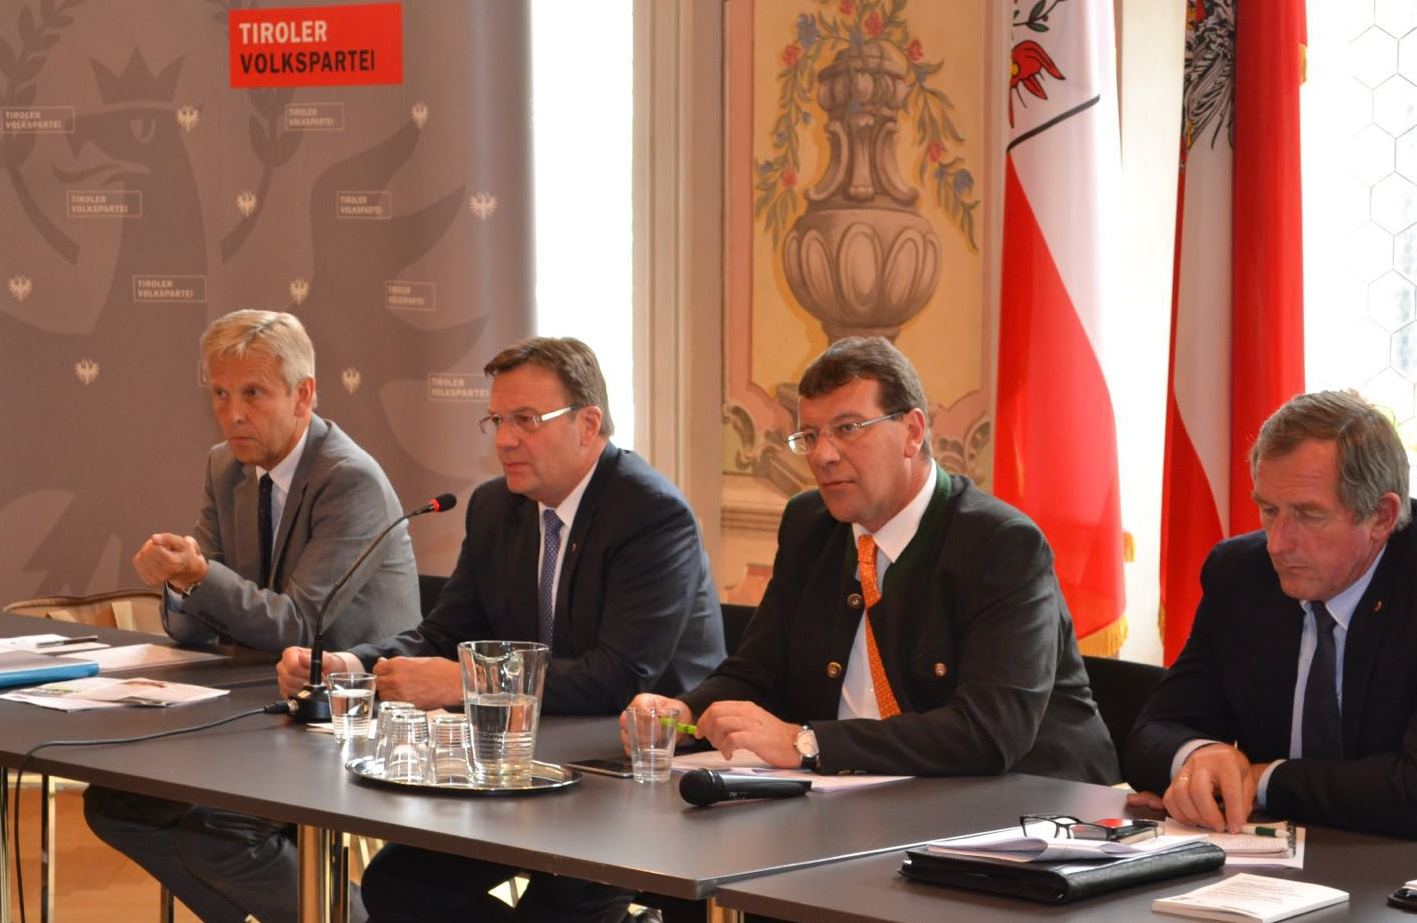 (c) Tiroler Volkspartei